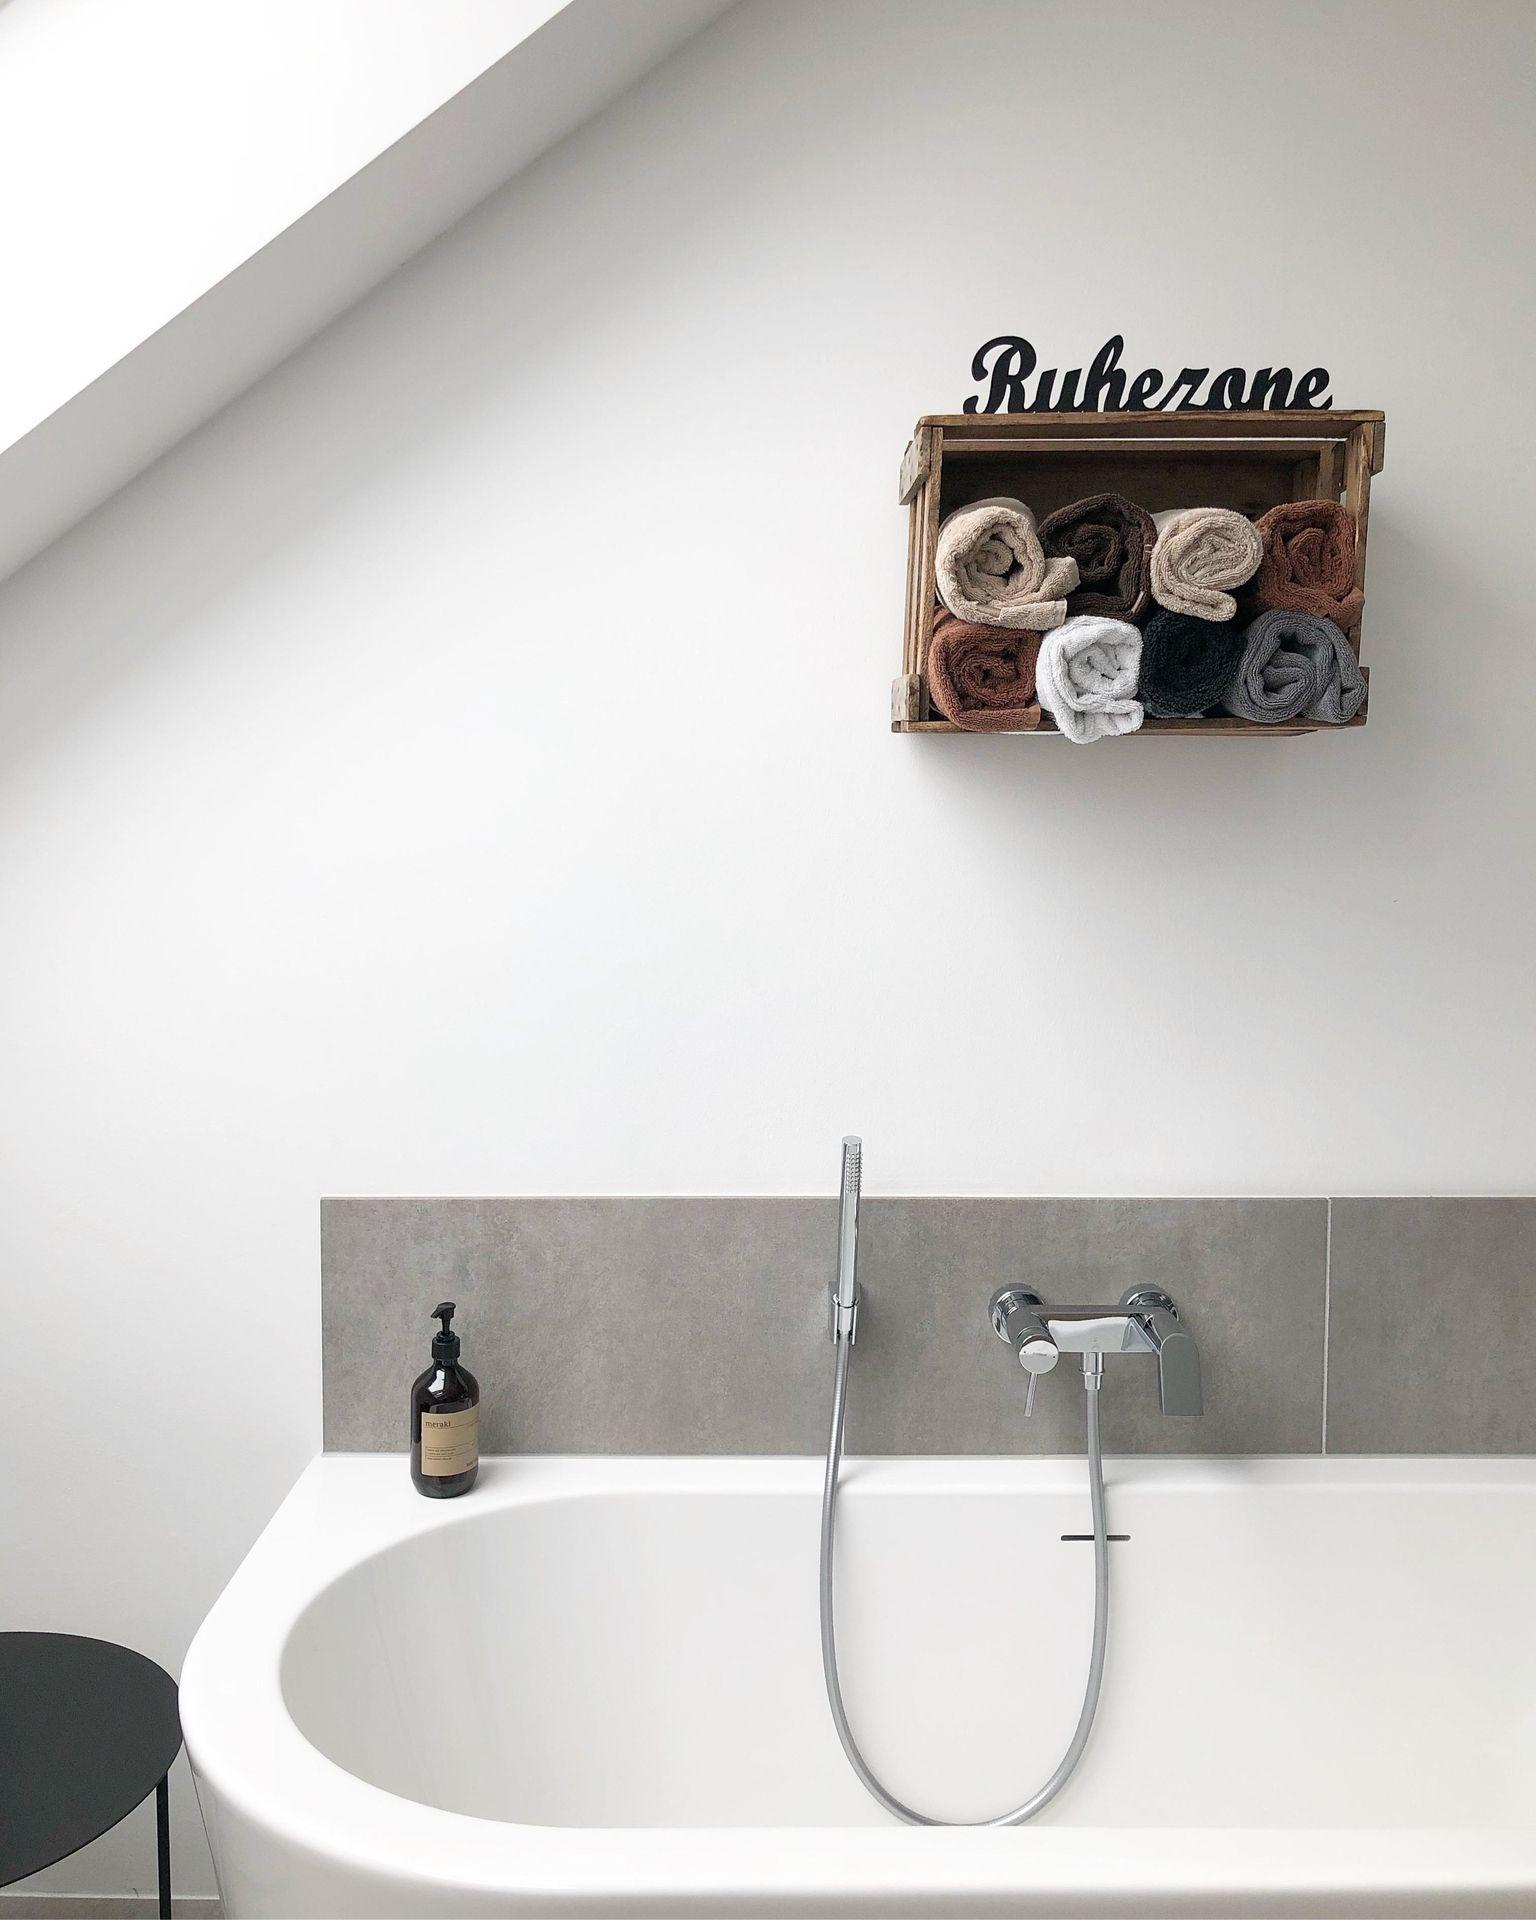 Auszeit Badewanne Wanne Badezimmer Ruhezone D Badezimmer Badewanne Badezimmer Aufbewahrung